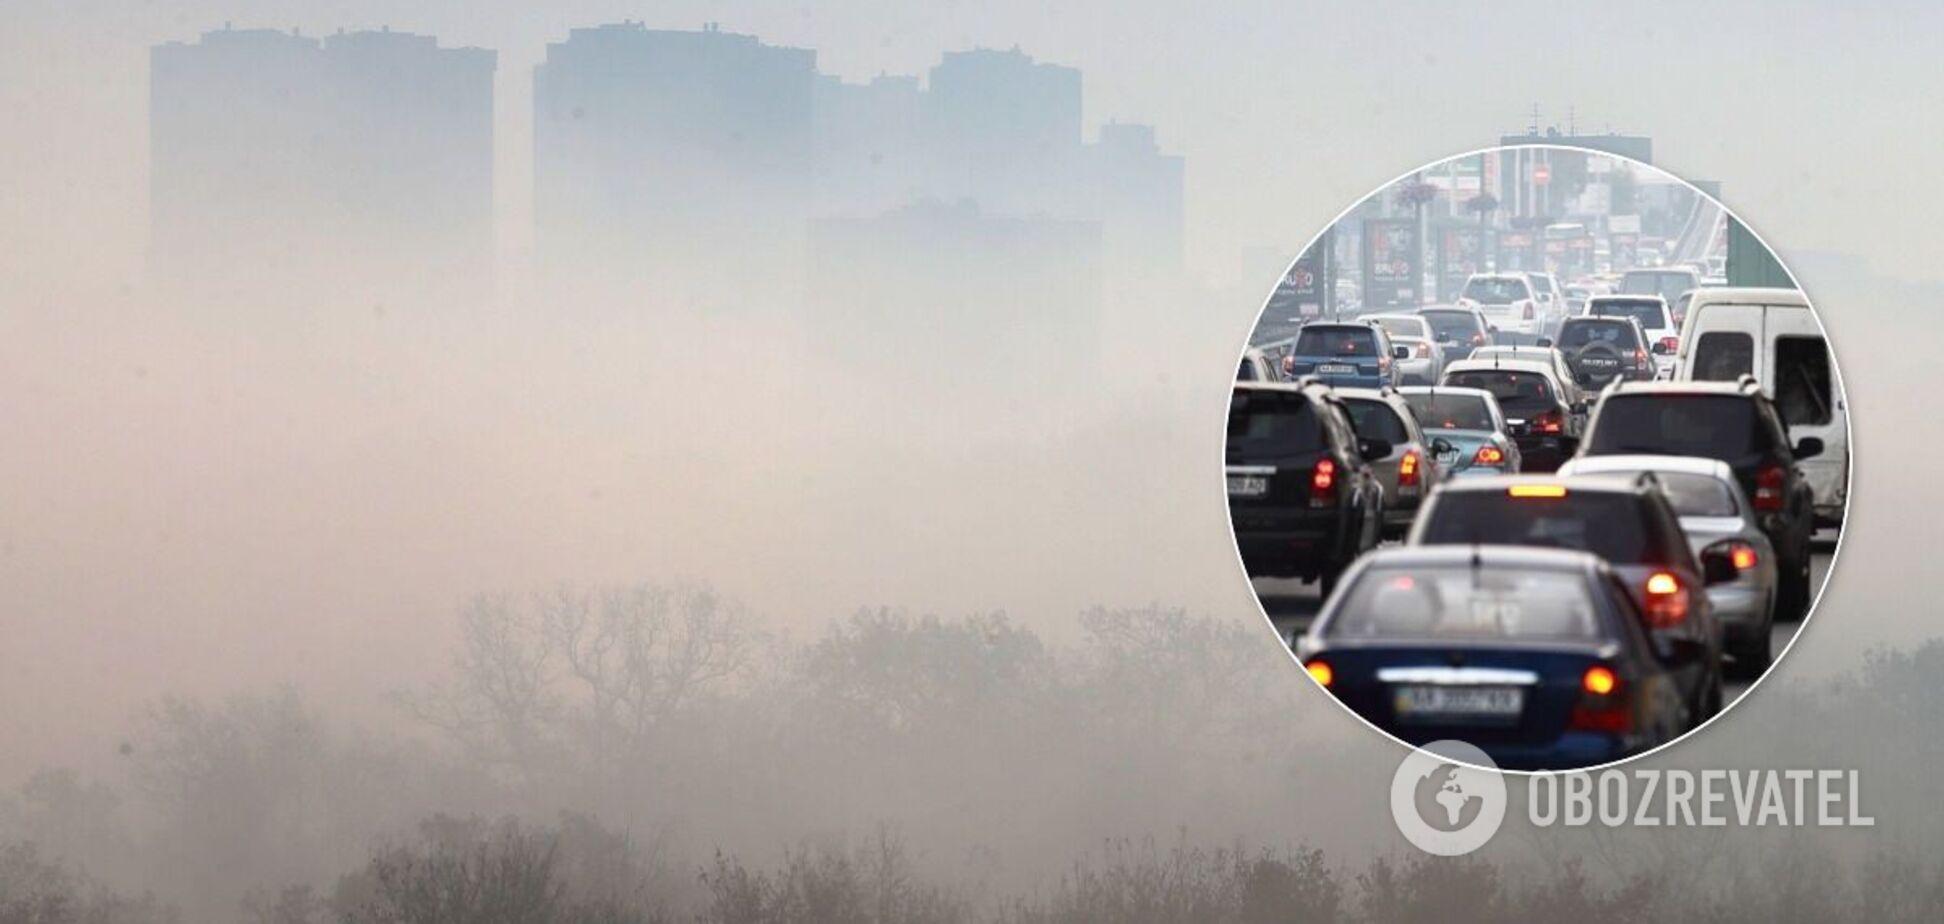 Проблеми з рухом для авто є по всьому місту